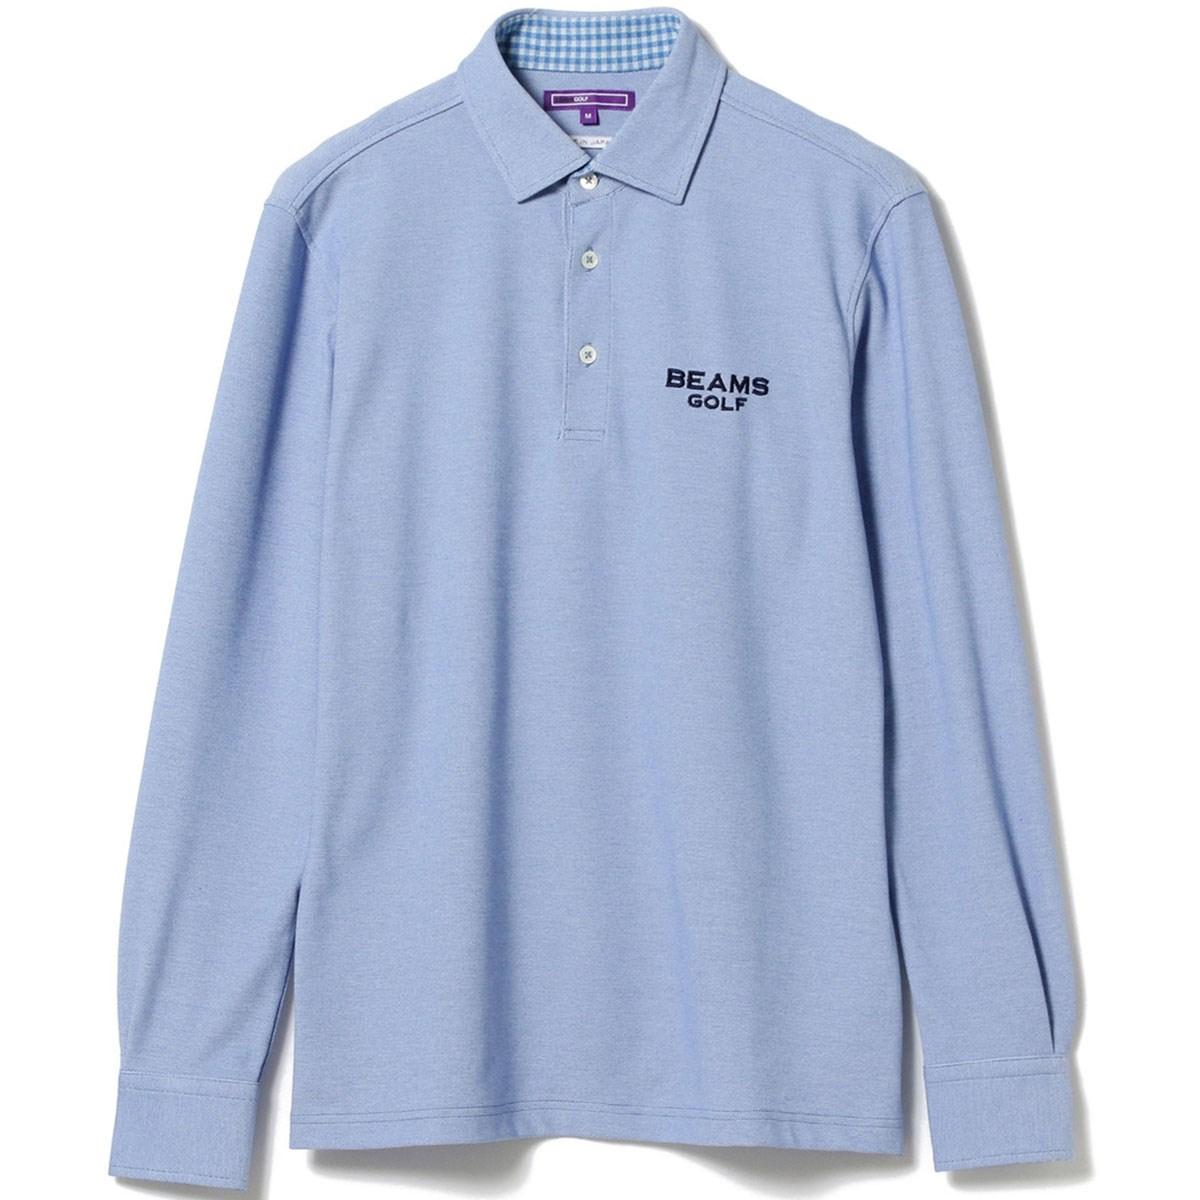 ビームスゴルフ BEAMS GOLF PURPLE LABEL シャンブレー ロングスリーブ プルオーバー シャツ